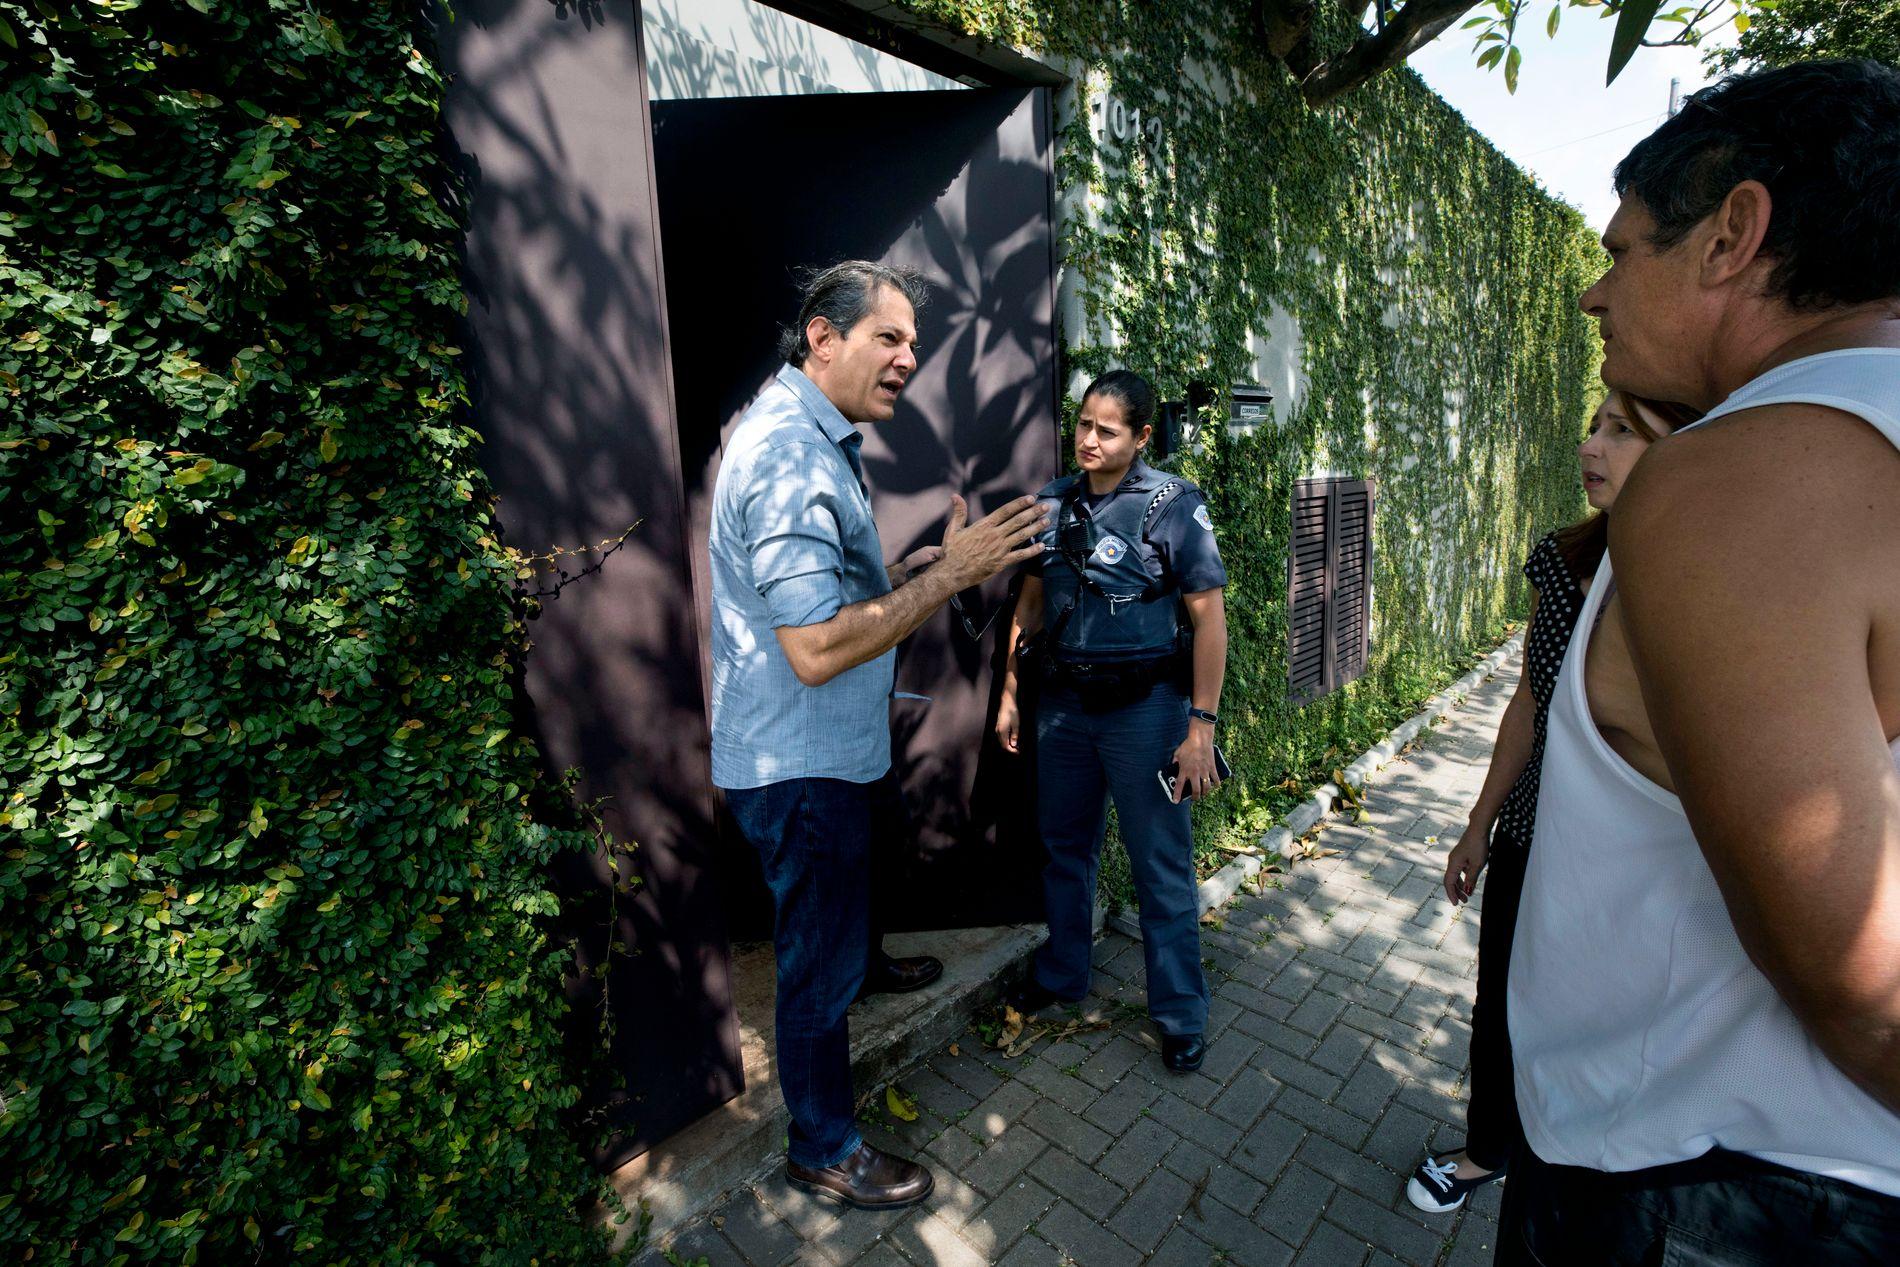 POLITIET PÅ DØREN: Det har vært et biltyveri i gaten utenfor Fernando Haddad og han tilbyr politiet om å se gjennom opptakene fra overvåkningskameraene han har plassert på muren sin.